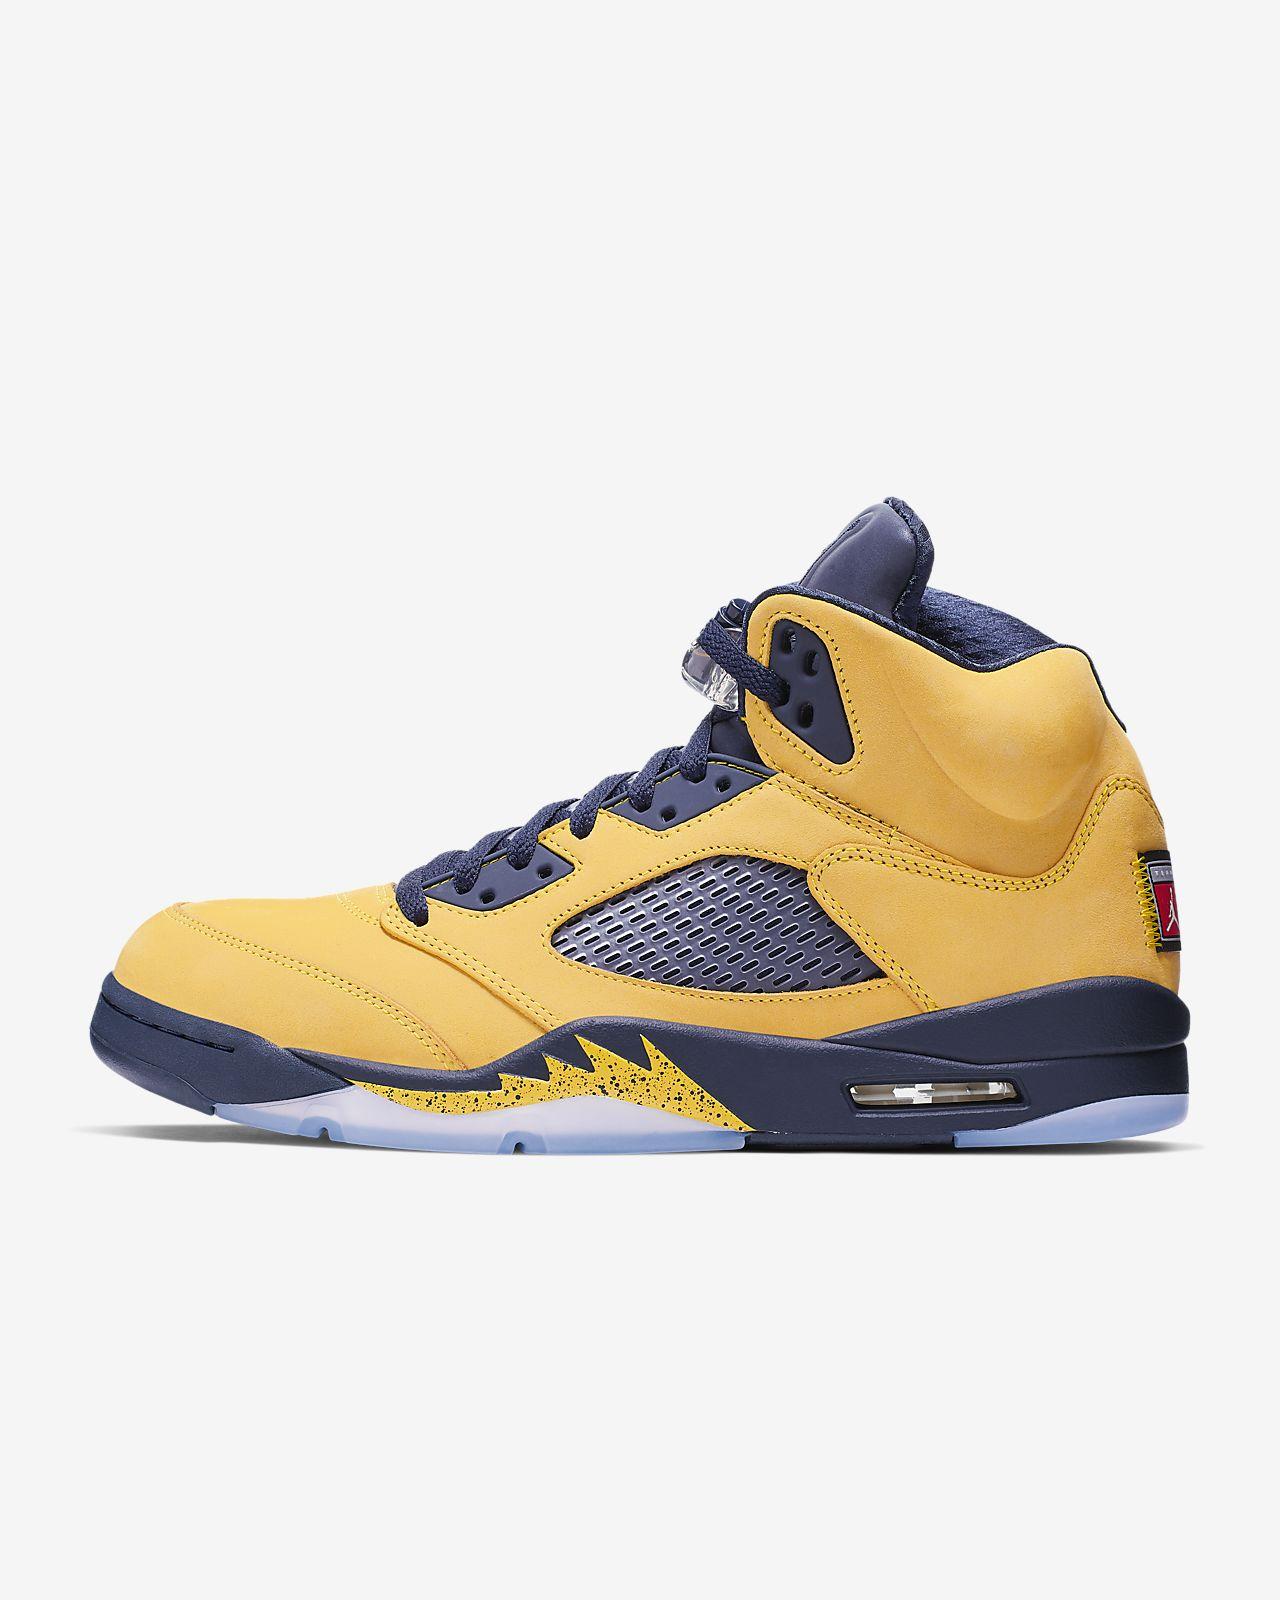 Air Jordan 5 Retro SE 男鞋